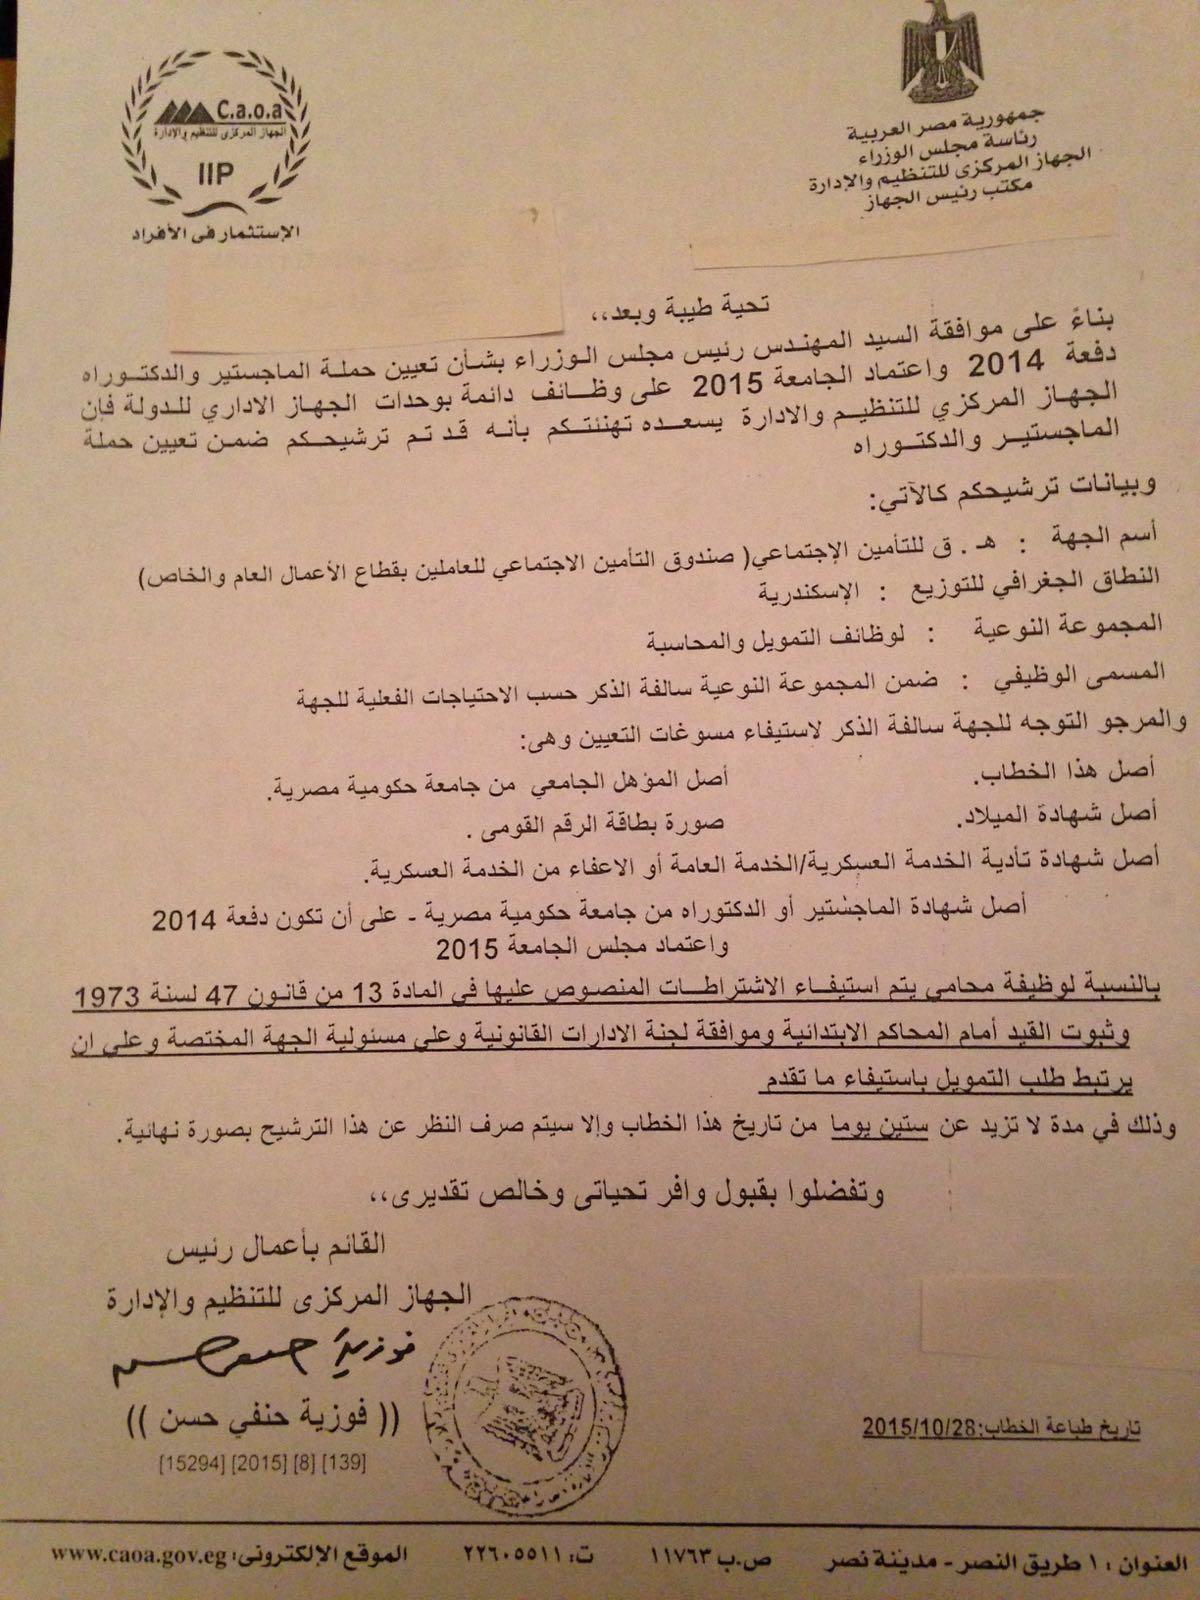 حملة ماجستير ودكتوراه 2014 يطالبون الحكومة بتسليمهم خطابات التعيين